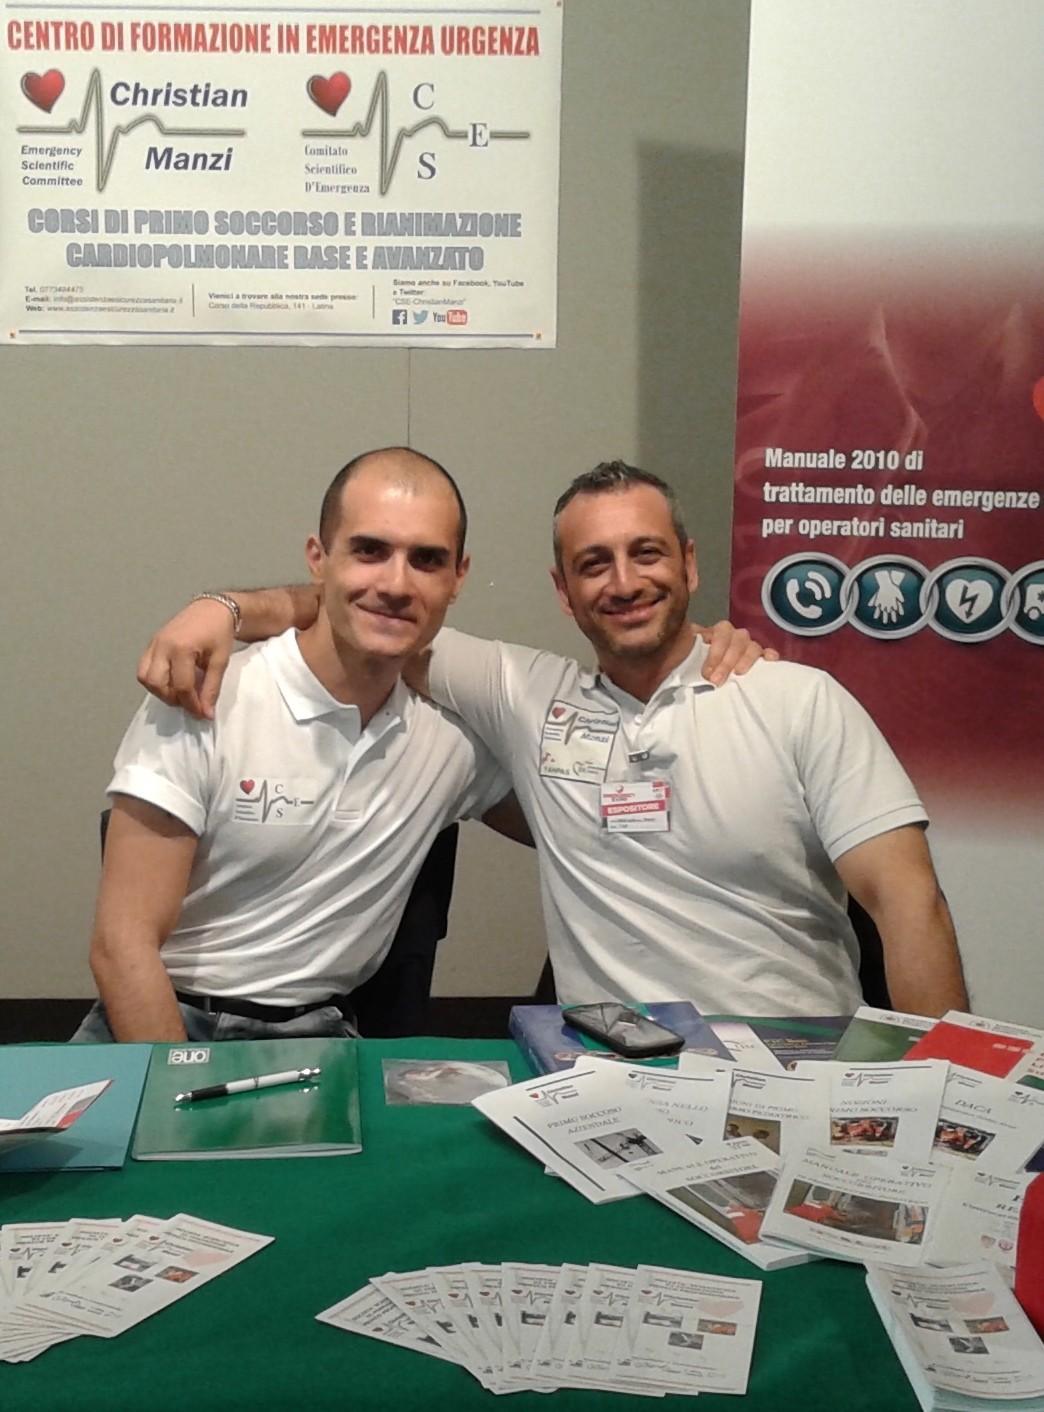 Christian Manzi con Alessio Biondino durante l'Emergency Expo di Latina, 2014.